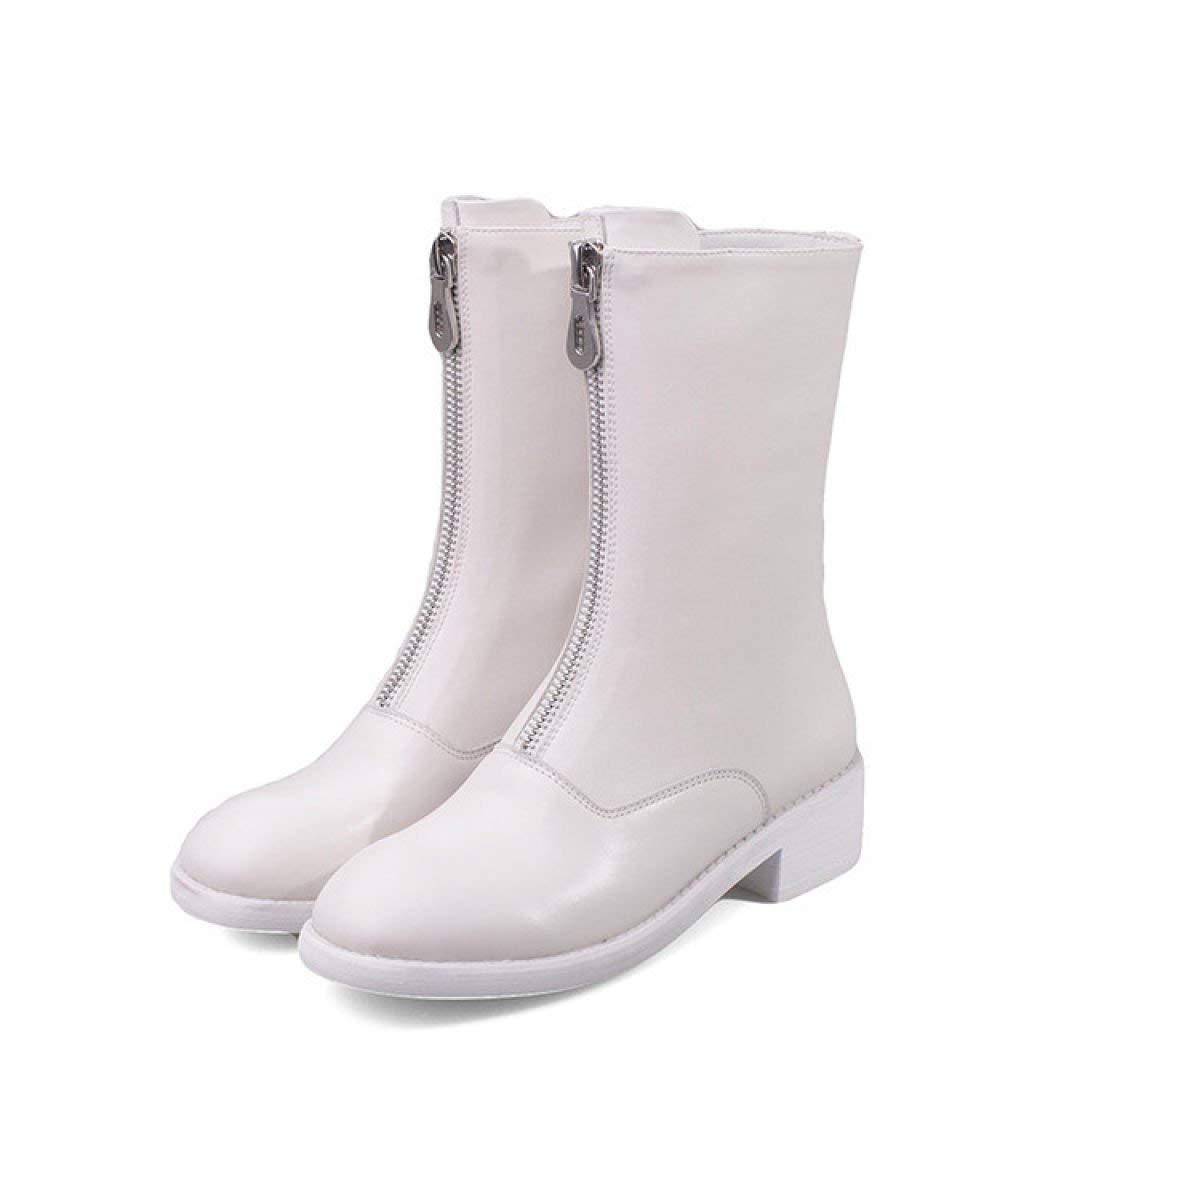 Fuxitoggo Fuxitoggo Fuxitoggo Damen Lederstiefel Flache Ferse Schuhe Frontzipper Martin Stiefel (Farbe   Beige, Größe   38) 0552c0